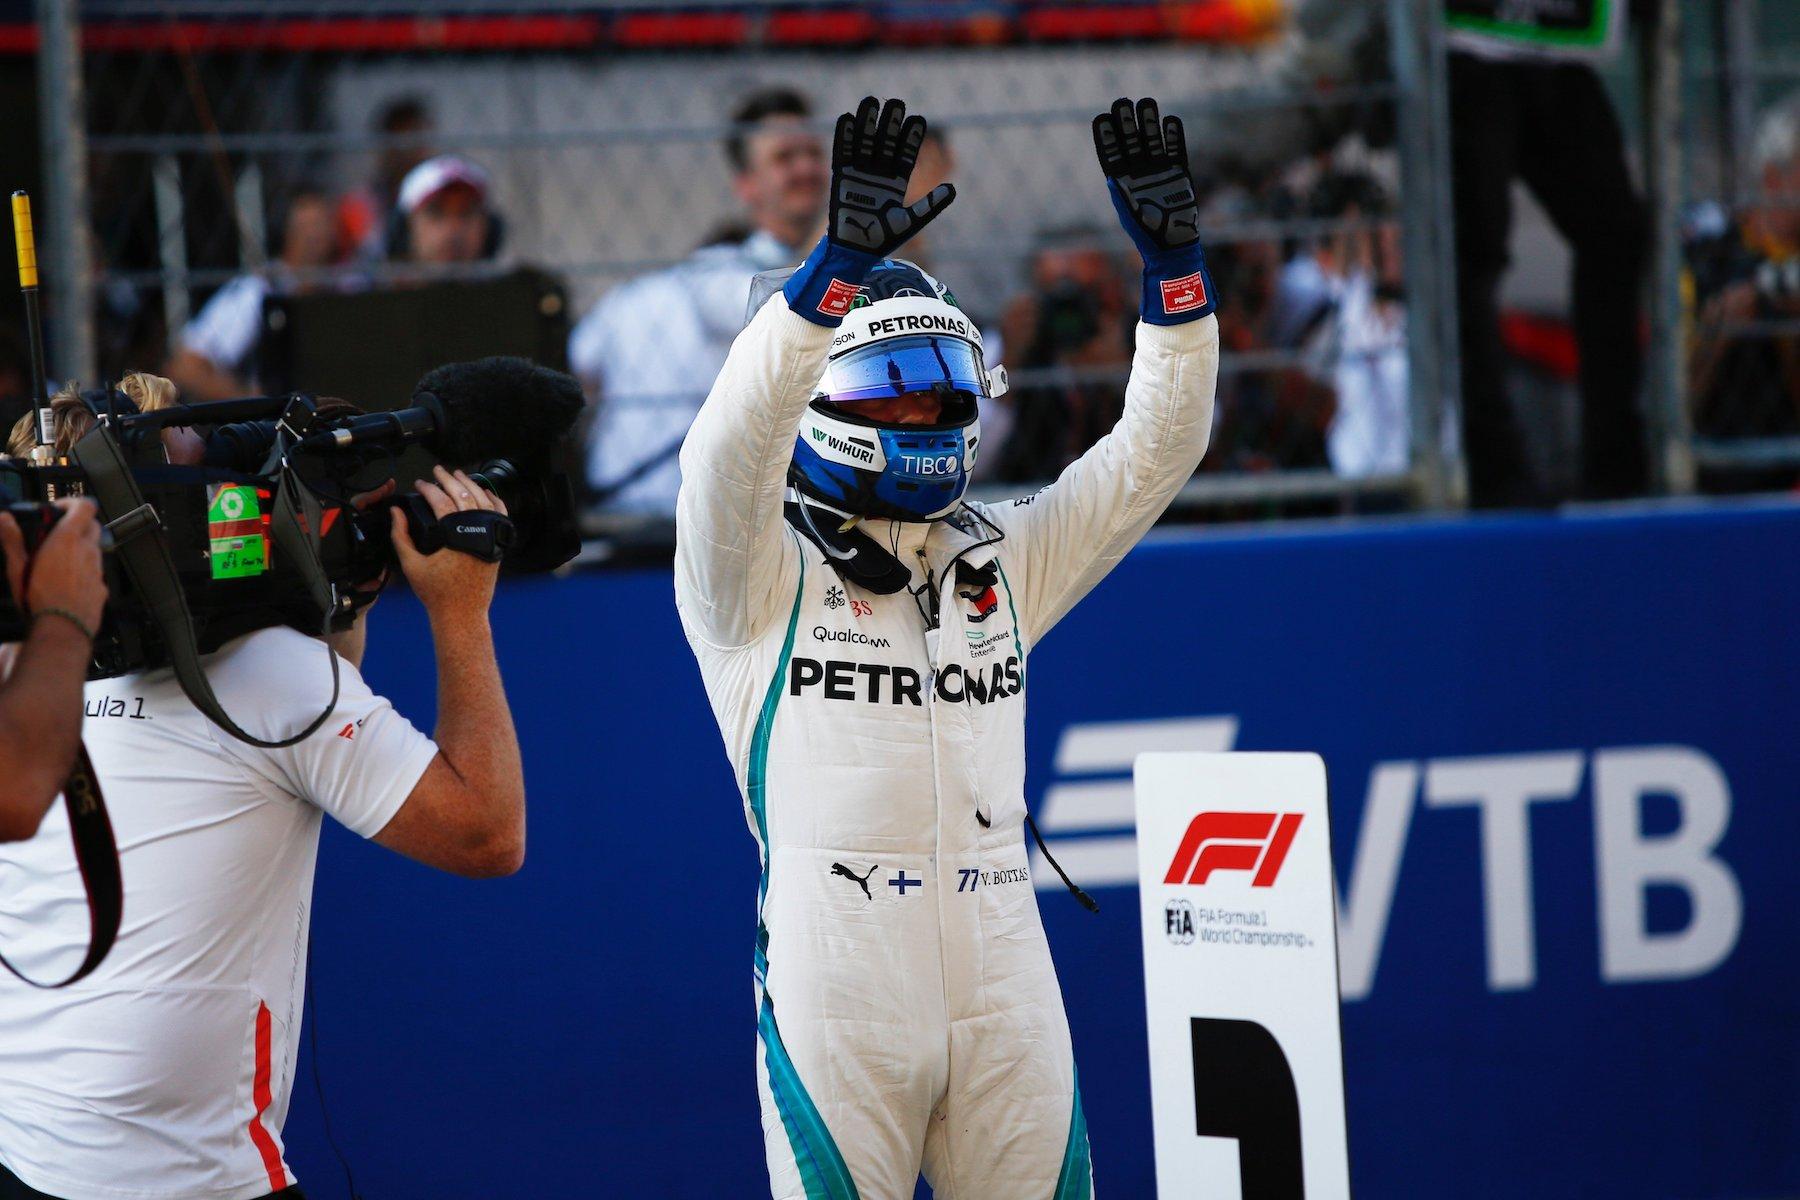 2018 Valtteri Bottas | Mercedes W09 | 2018 Russian GP Q3 2 copy.jpg